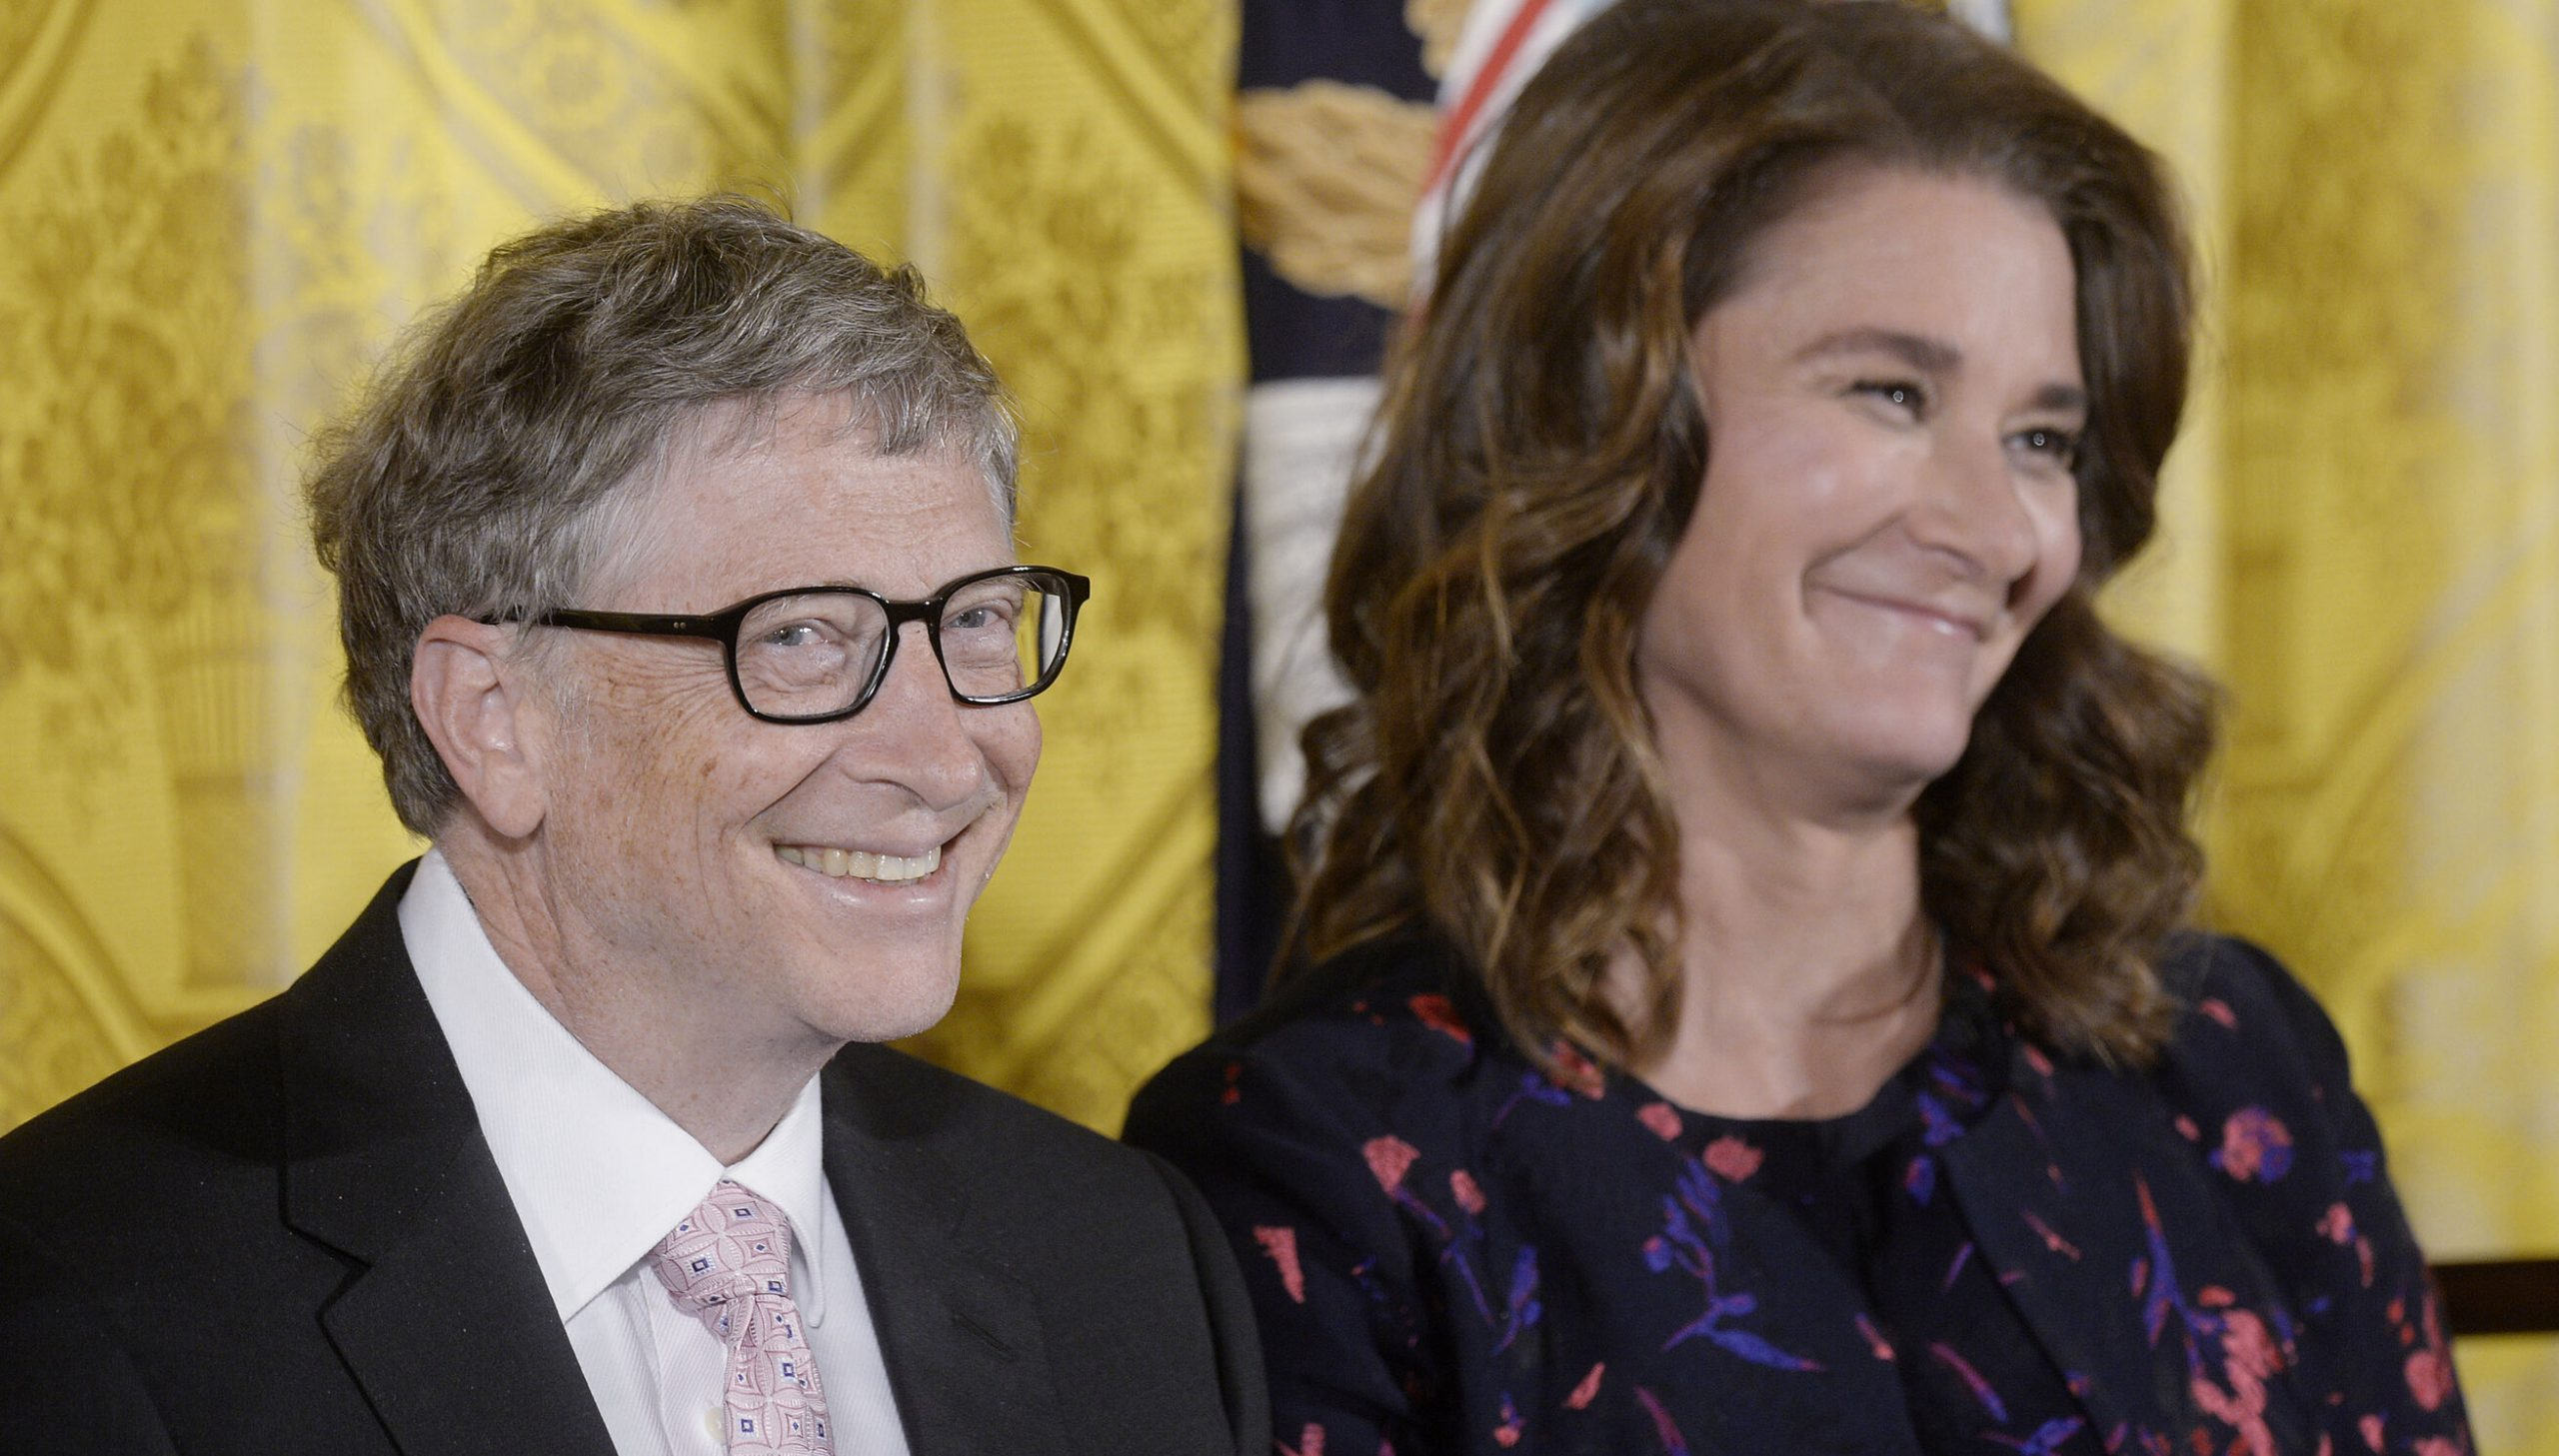 Bill și Melinda Gates investesc în dezvoltarea antiviralelor care ar putea preveni pandemiile viitoare